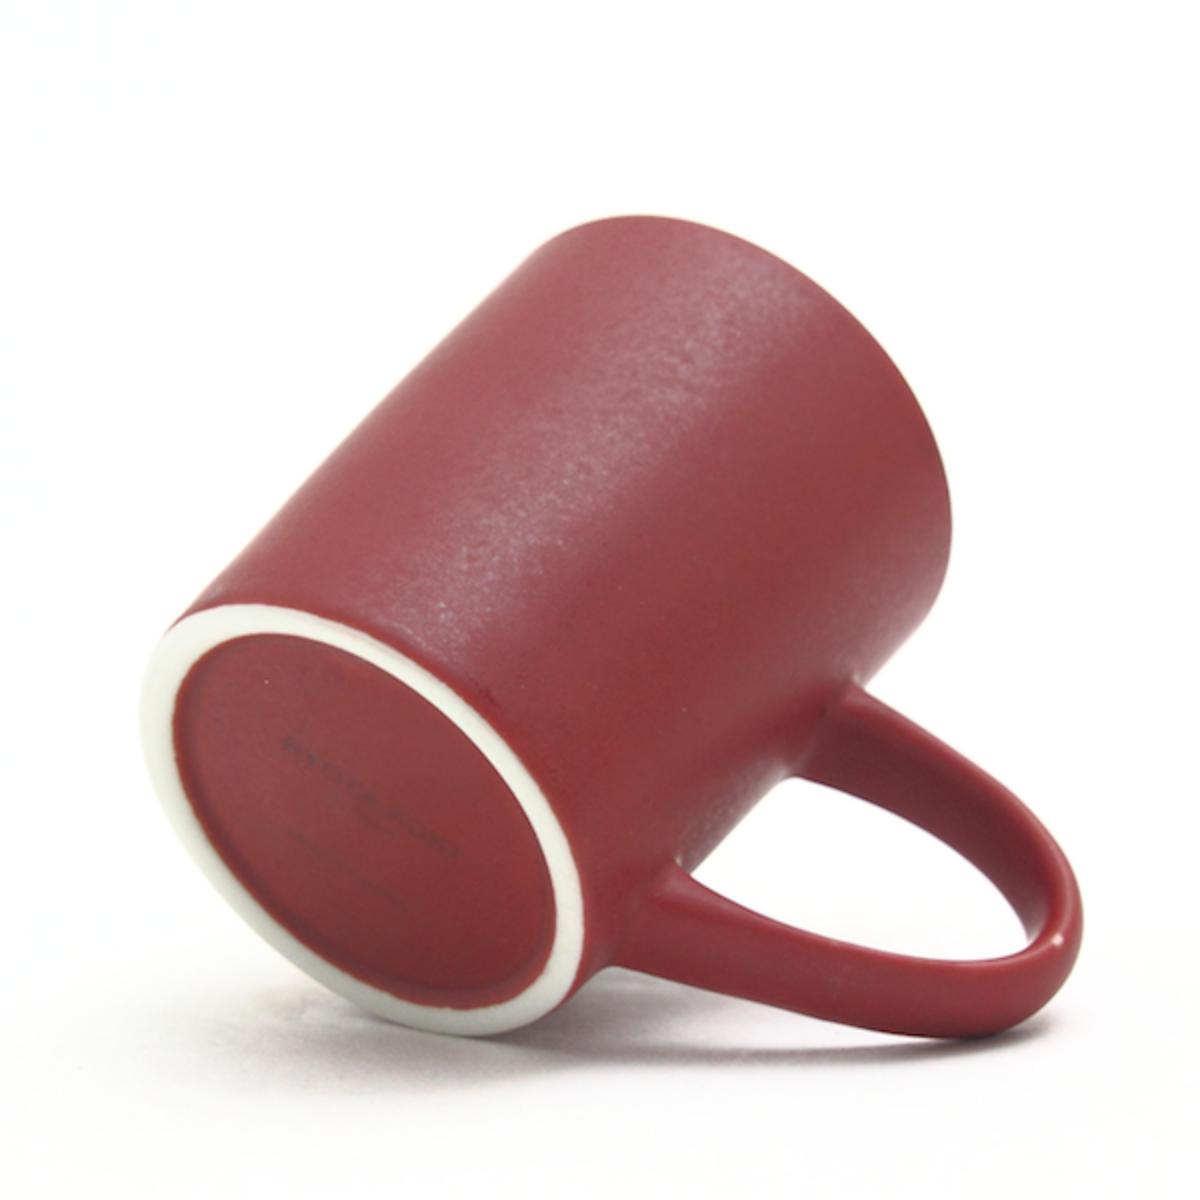 マグカップ SS のっぽ ワインレッド 詳細画像2